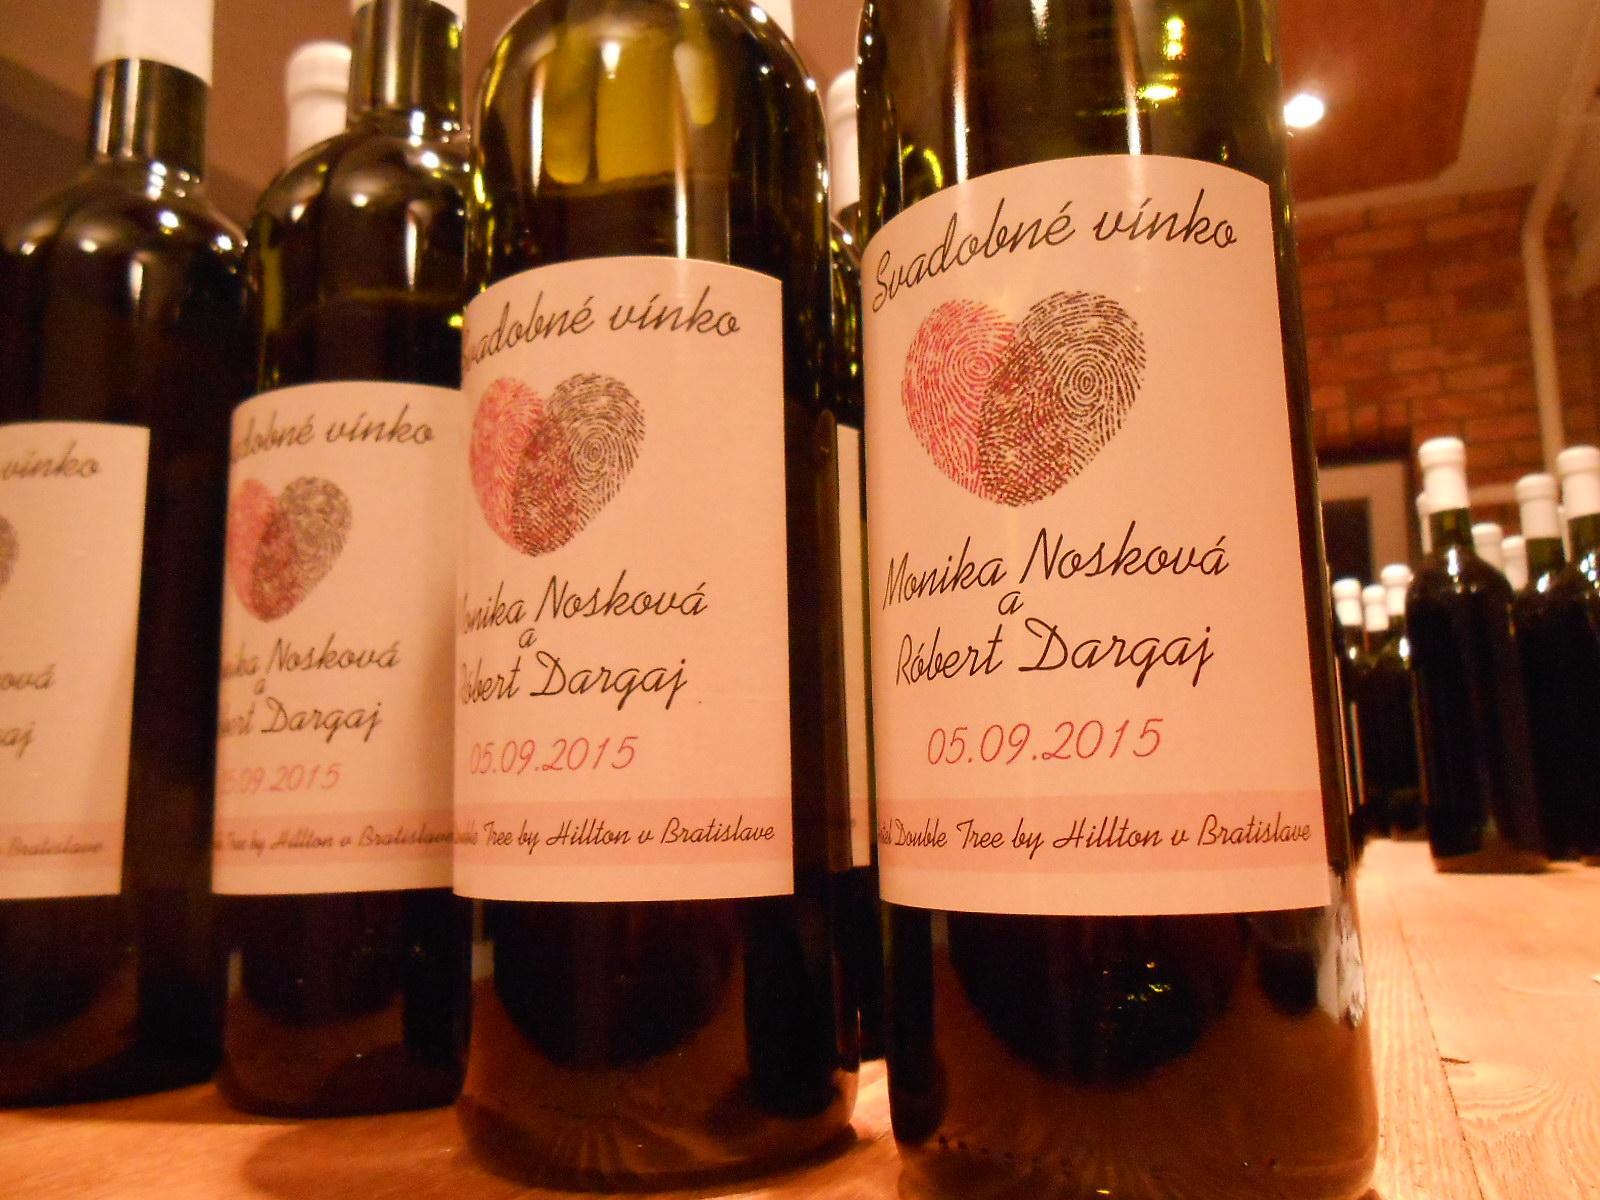 vinomaravilla - Svadobné víno s etiketou podľa svadobného oznámenia